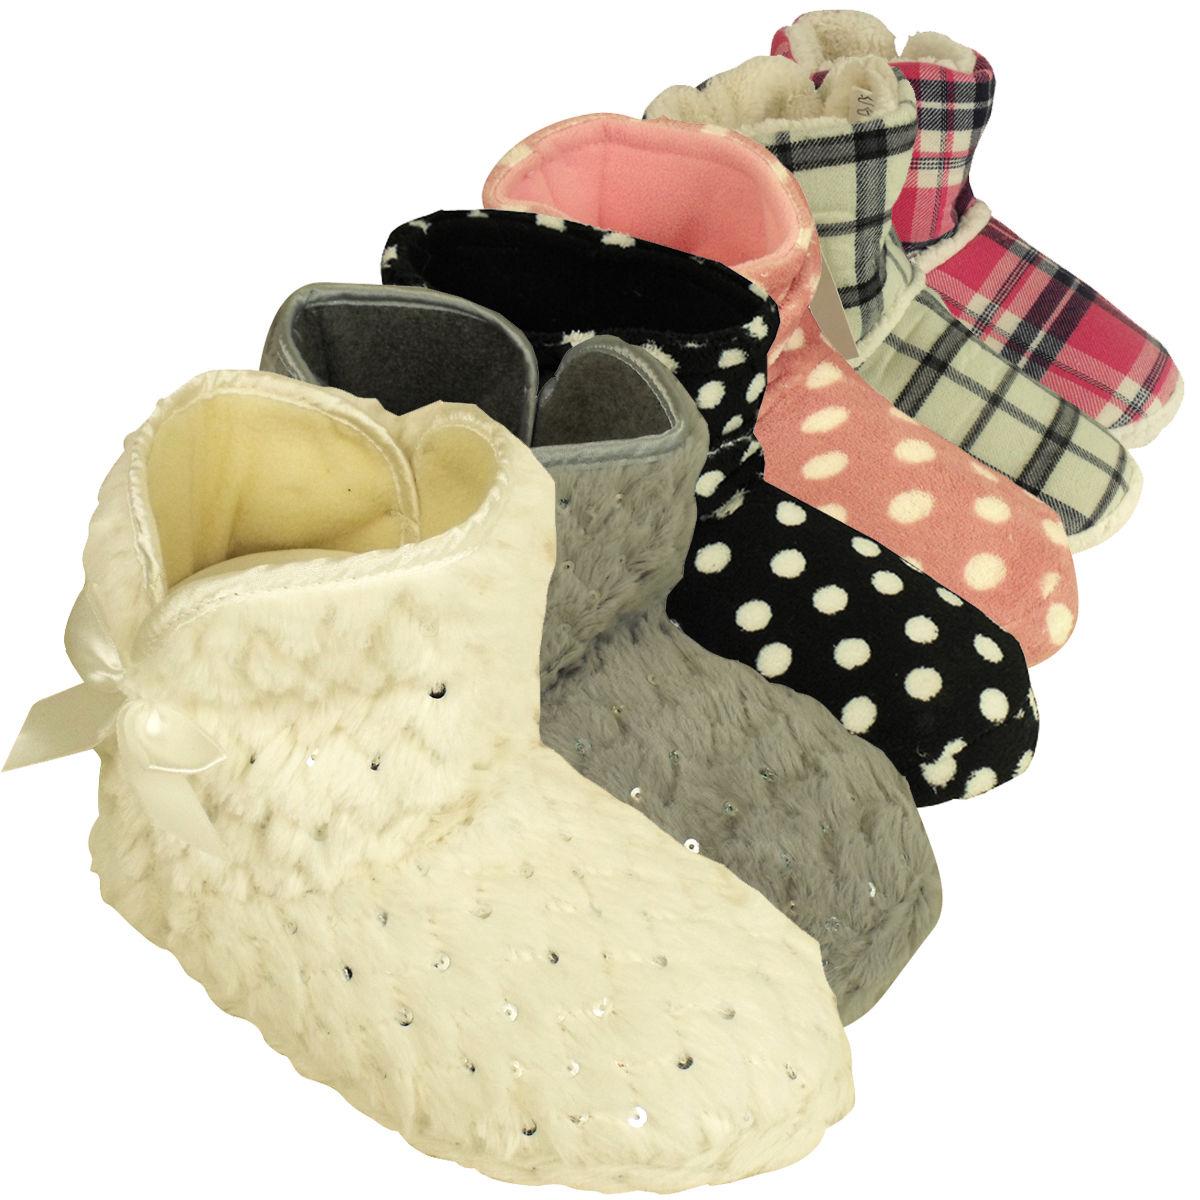 large choix de designs Vente de liquidation 2019 faire les courses pour Détails sur Femme qualité fourrure chausson bottines slipper femmes  esquimaux pantoufles tailles 3-8- afficher le titre d'origine